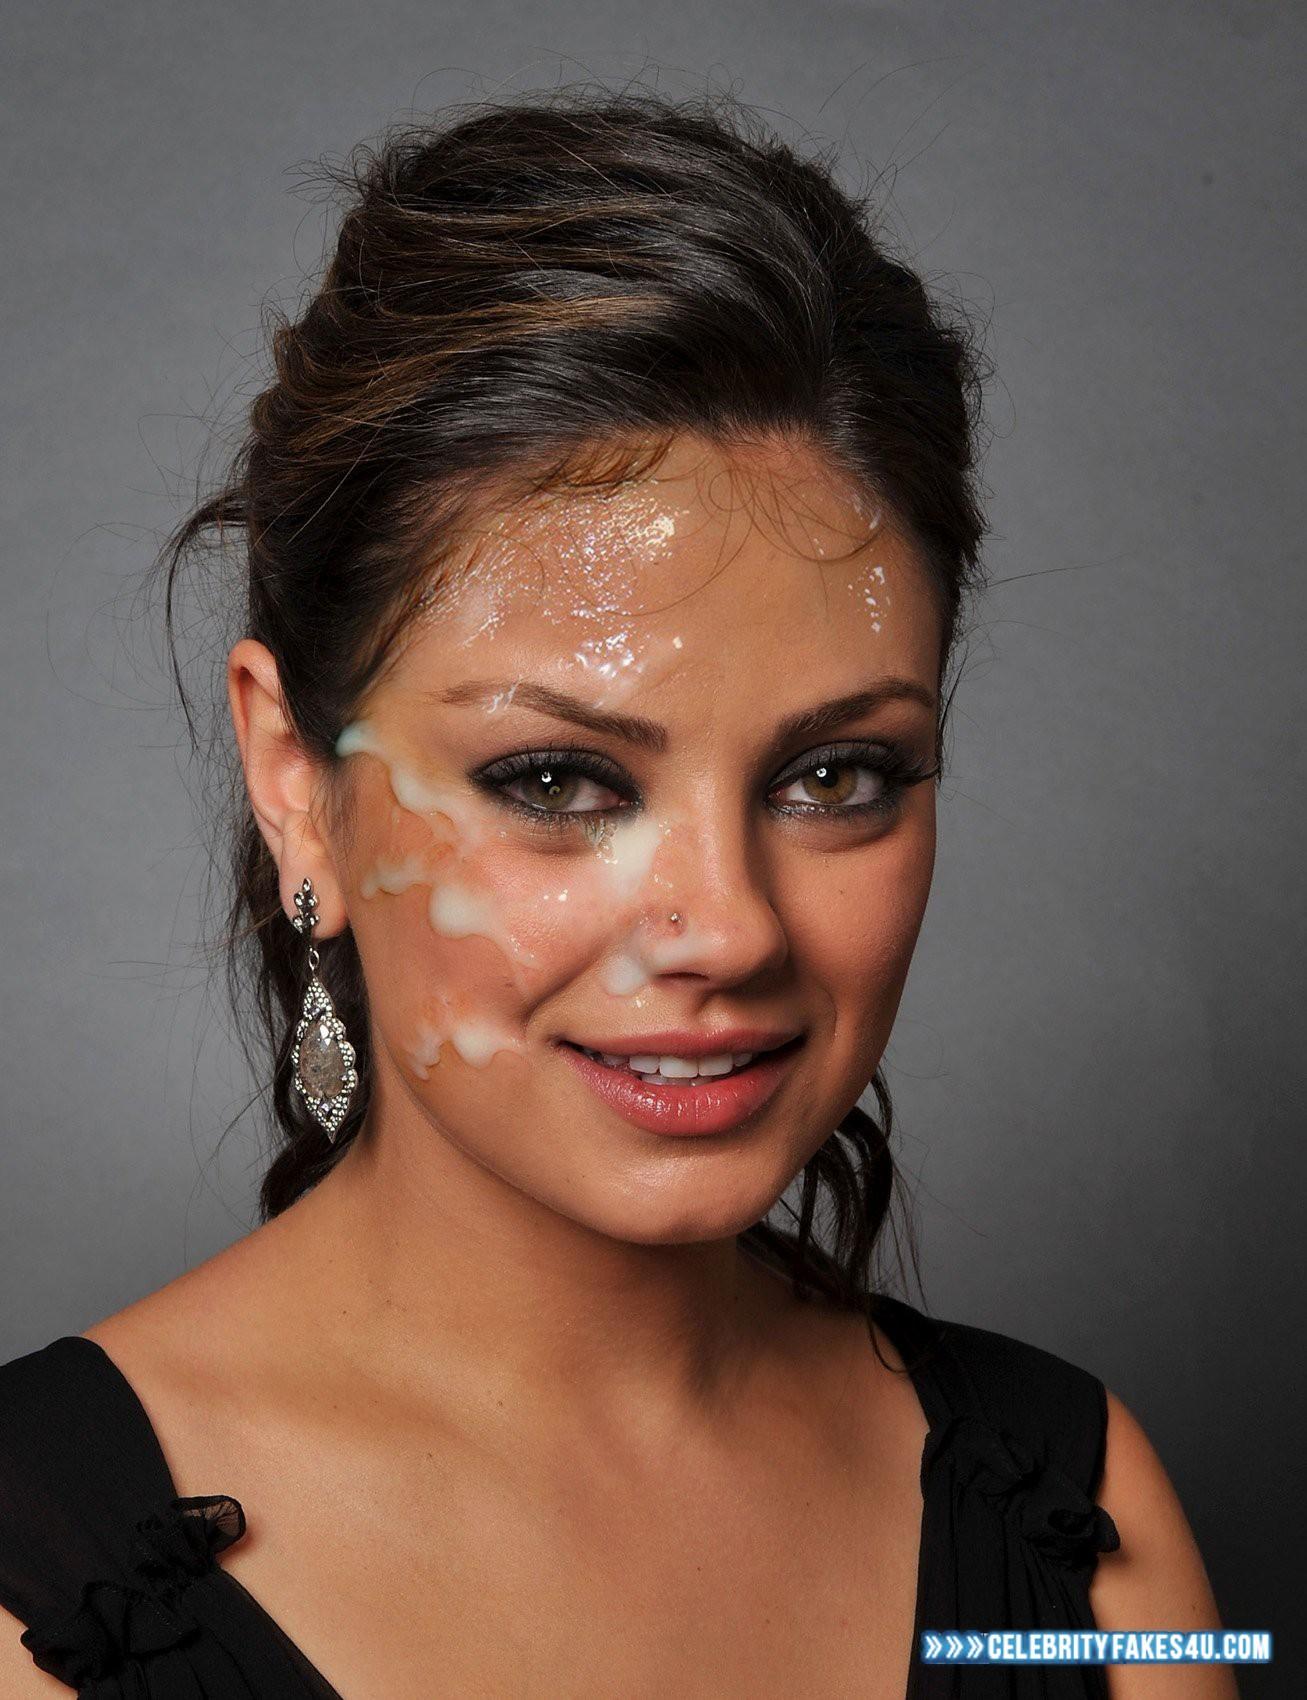 Mila Kunis Facial Cumshot Porn 001 « CelebrityFakes4u.com